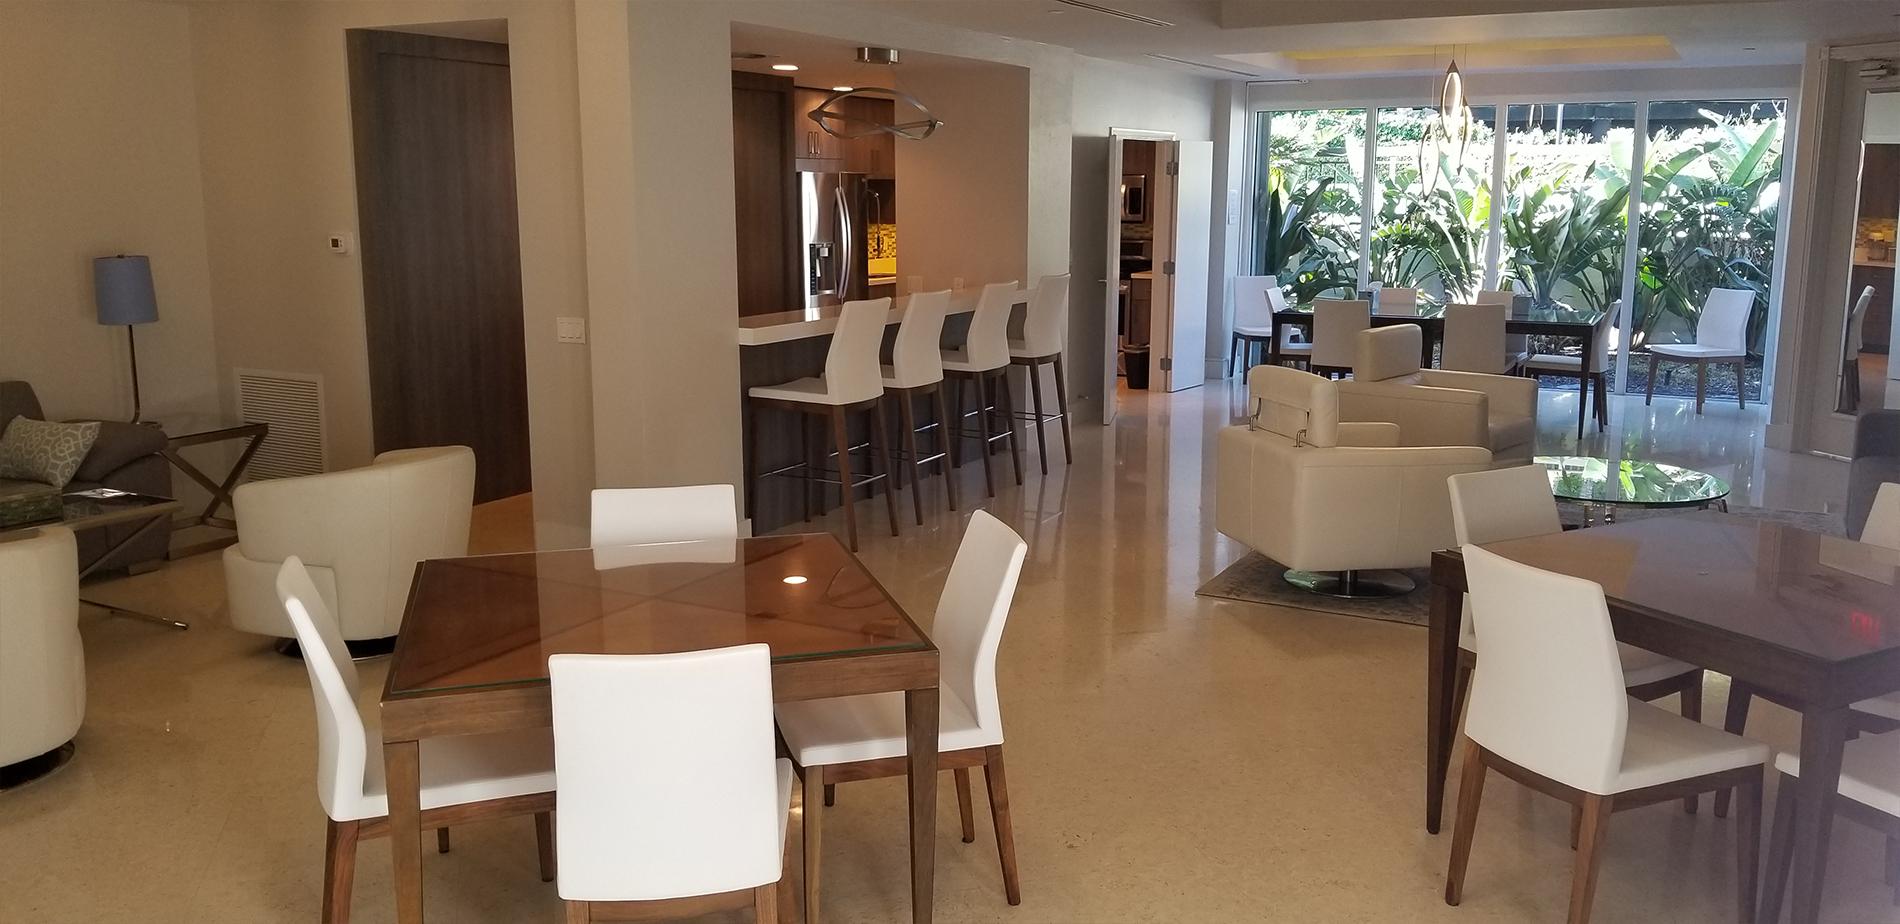 The Brighton Condominium Social Room